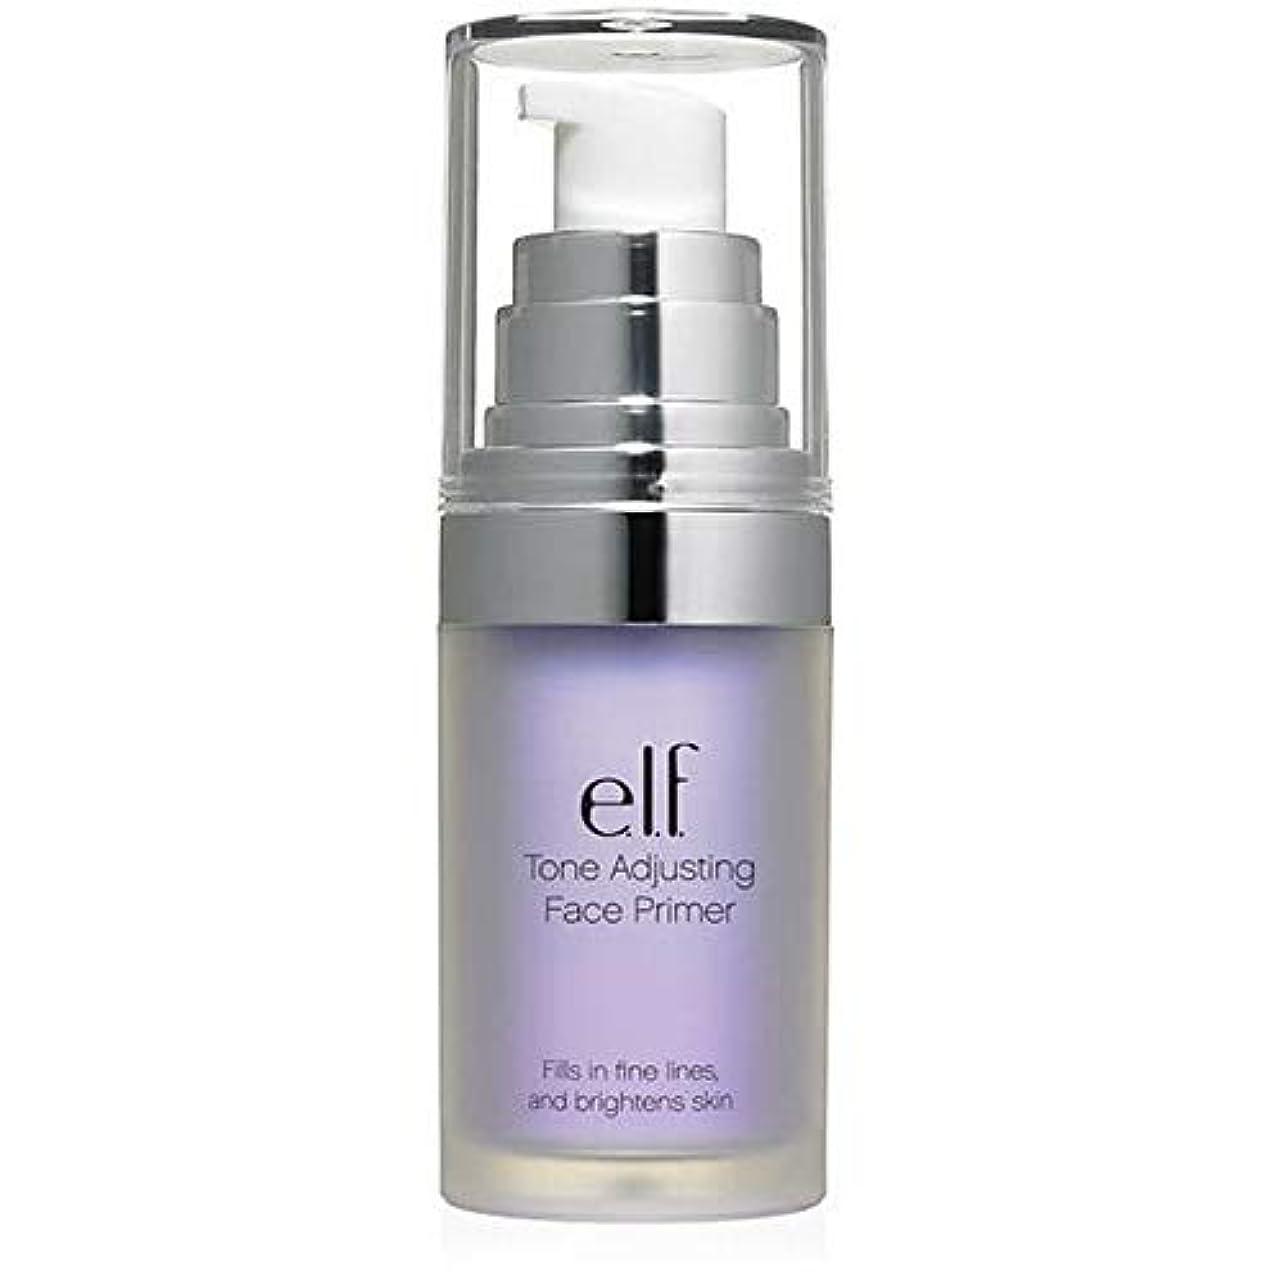 敵対的薬局入射[Elf ] エルフ。ラベンダー403を明るくトーン調整顔プライマー - e.l.f. Tone Adjusting Face Primer Brightening Lavender 403 [並行輸入品]